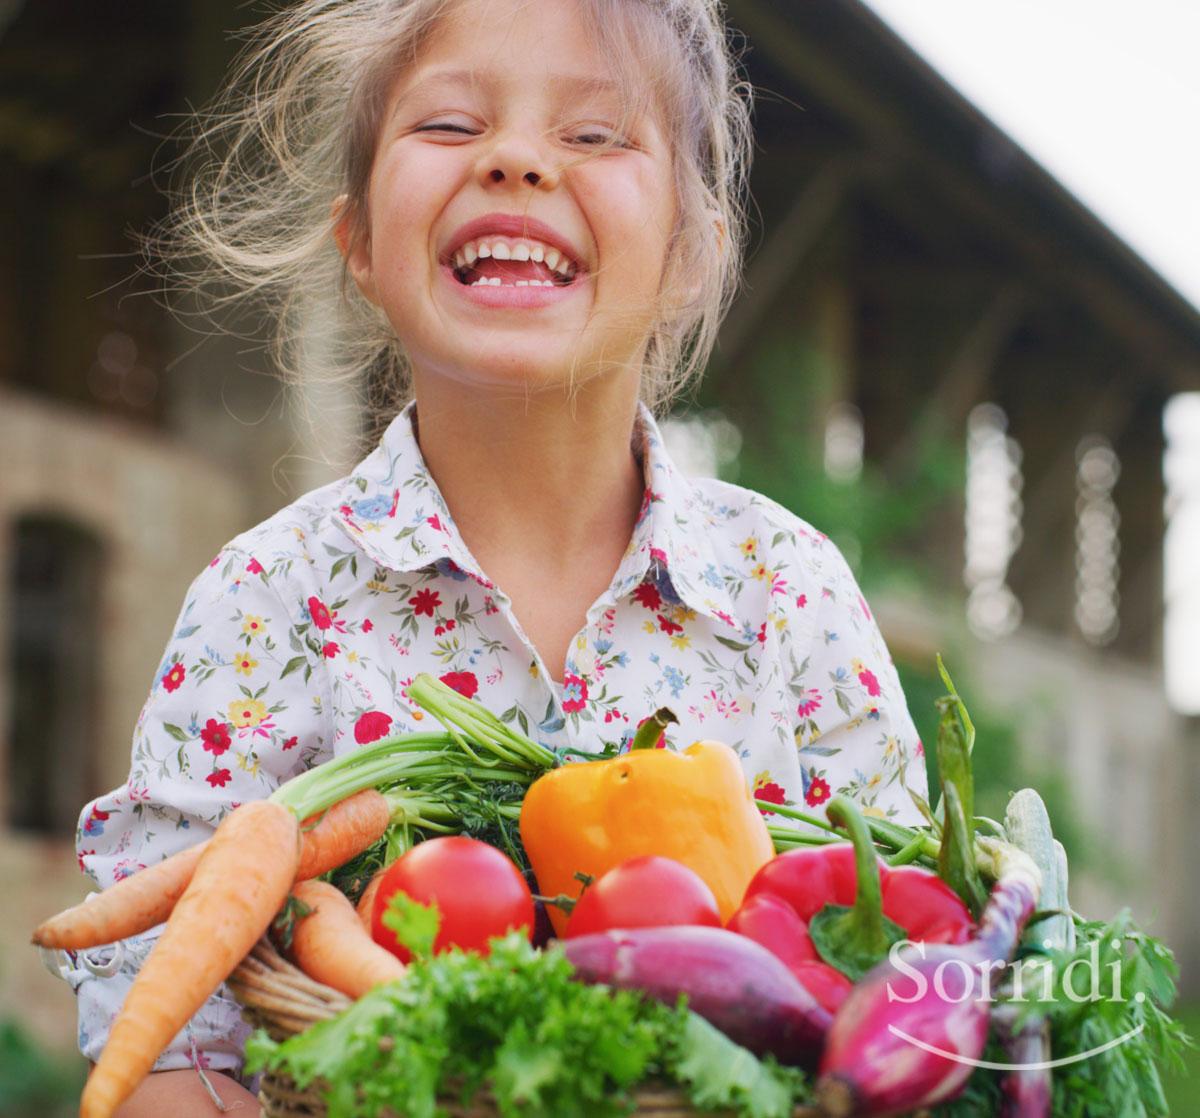 Sorridi-ch-magazine-prevenzione-alimentare